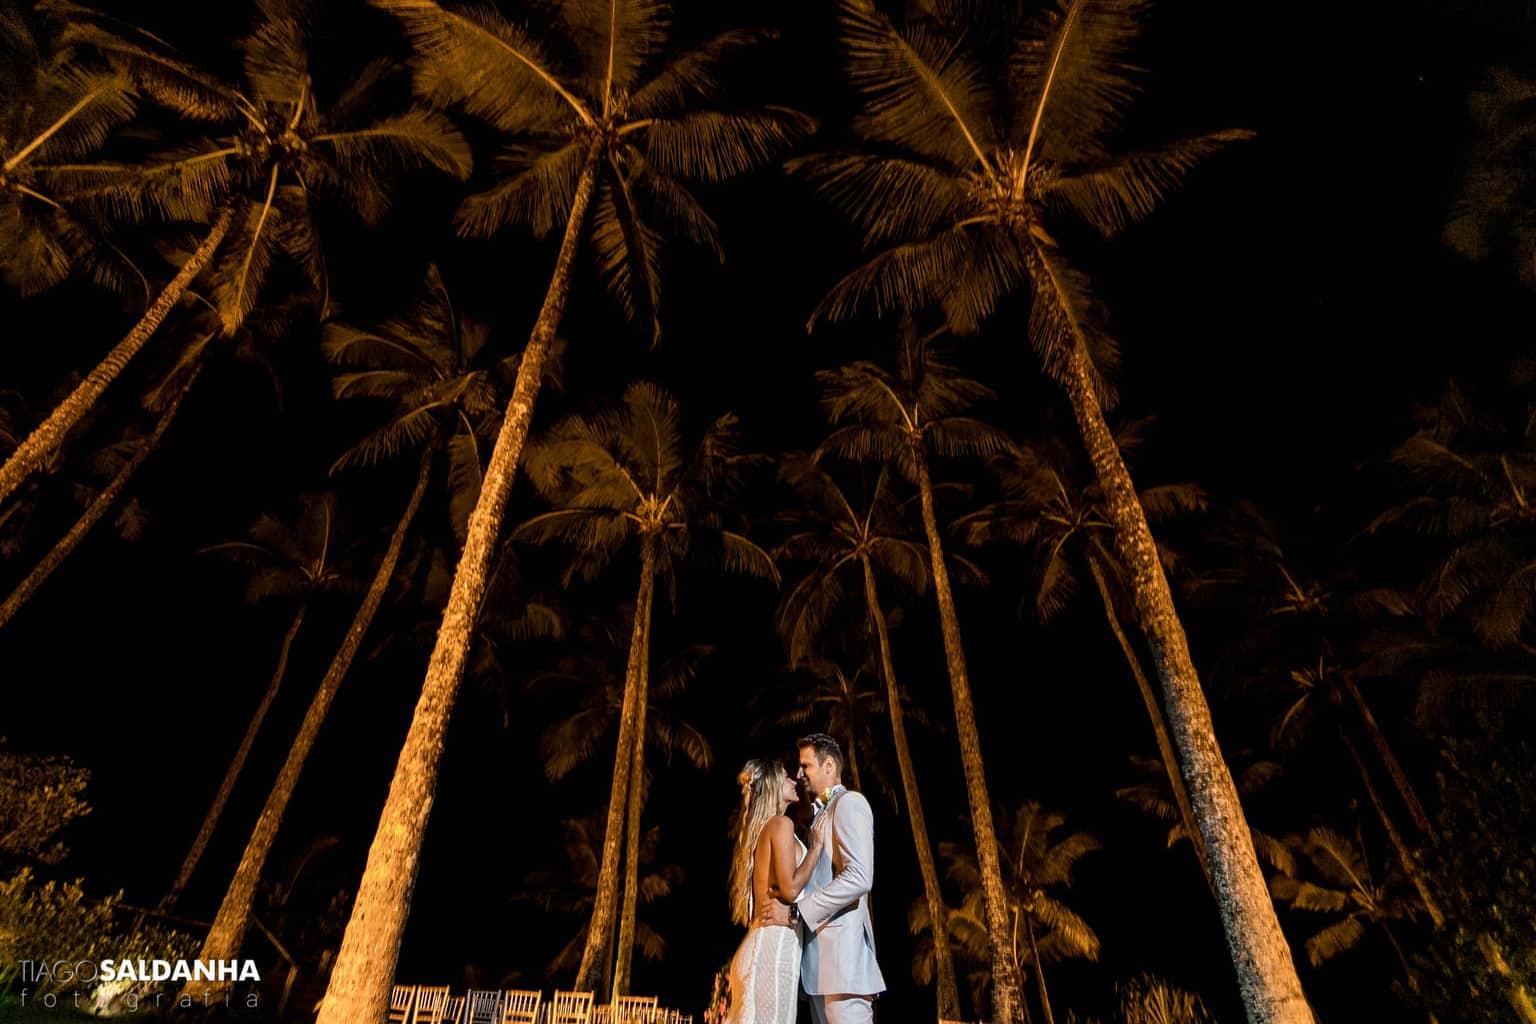 Aliança-no-Espelho-Casamento-Chandrélin-e-Laureano-cerimonia-na-praia-Chan-e-Lau-Rio-da-Barra33